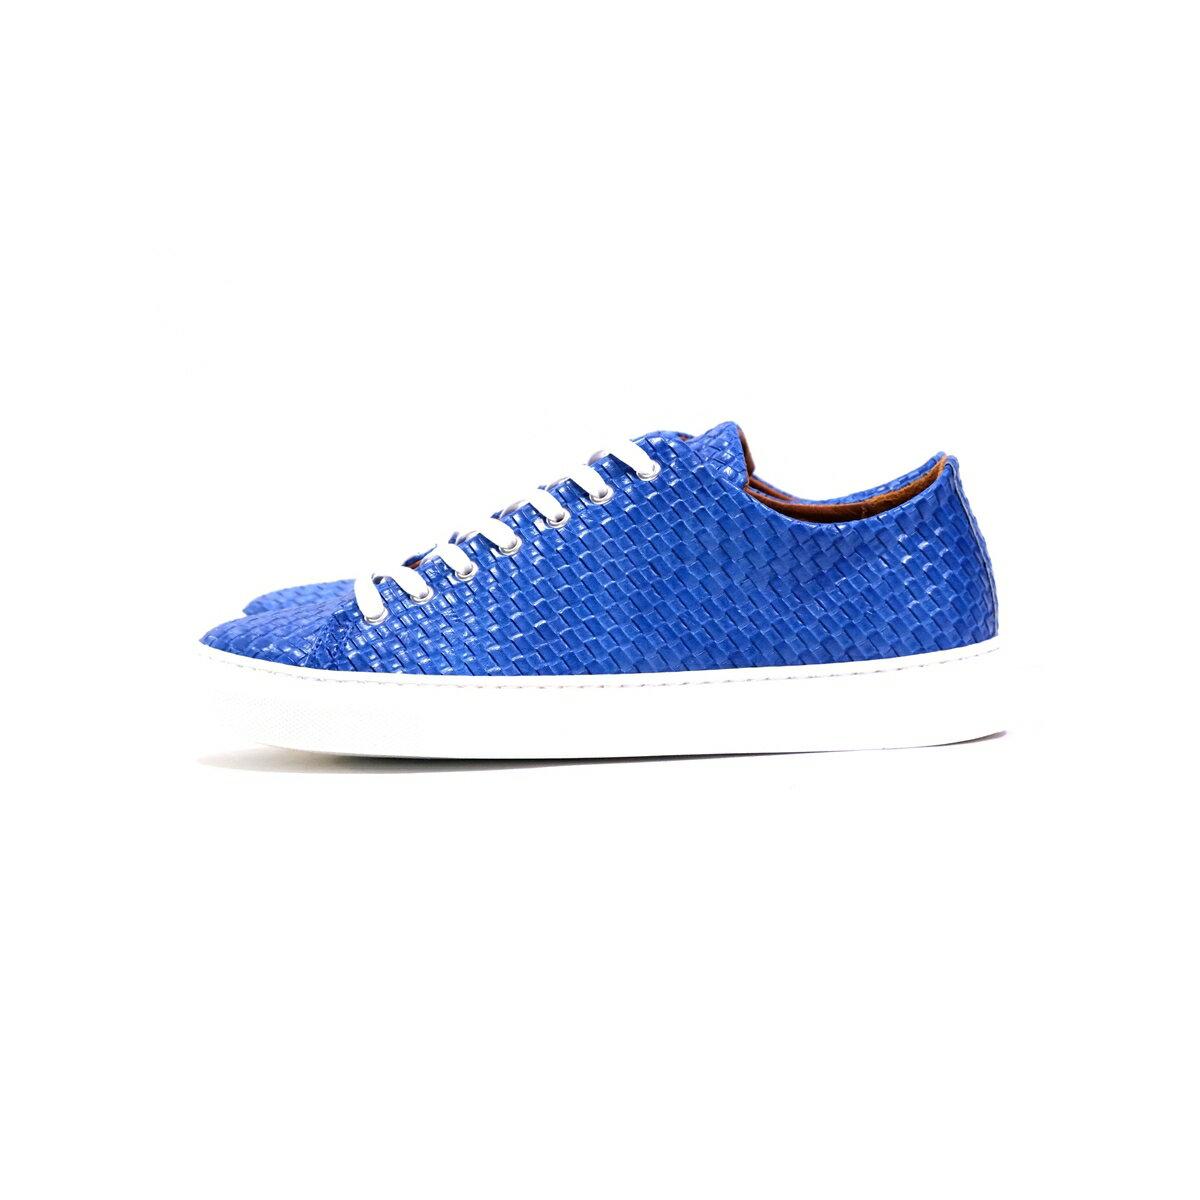 メンズ靴, スニーカー DANIELE ALESSANDRINI SCARPA LACCI INTRECCIATA (2 BLUEORANGE) 211-63482002